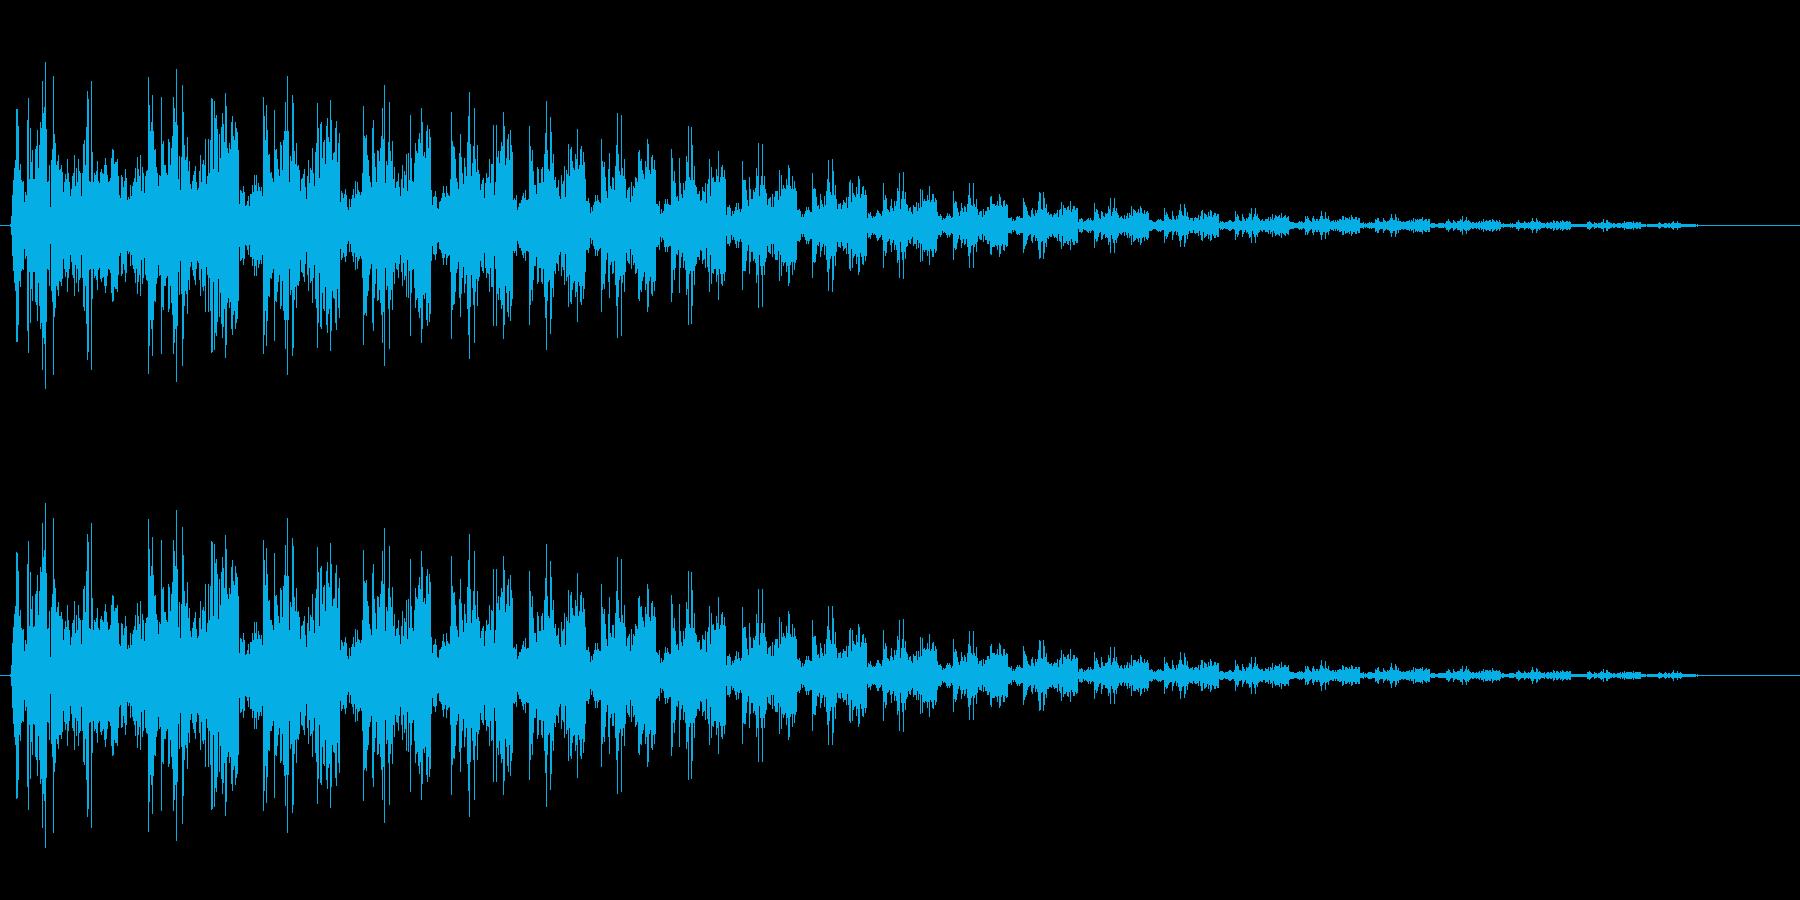 ビヨヨーン(ばねが跳ねるような音)の再生済みの波形